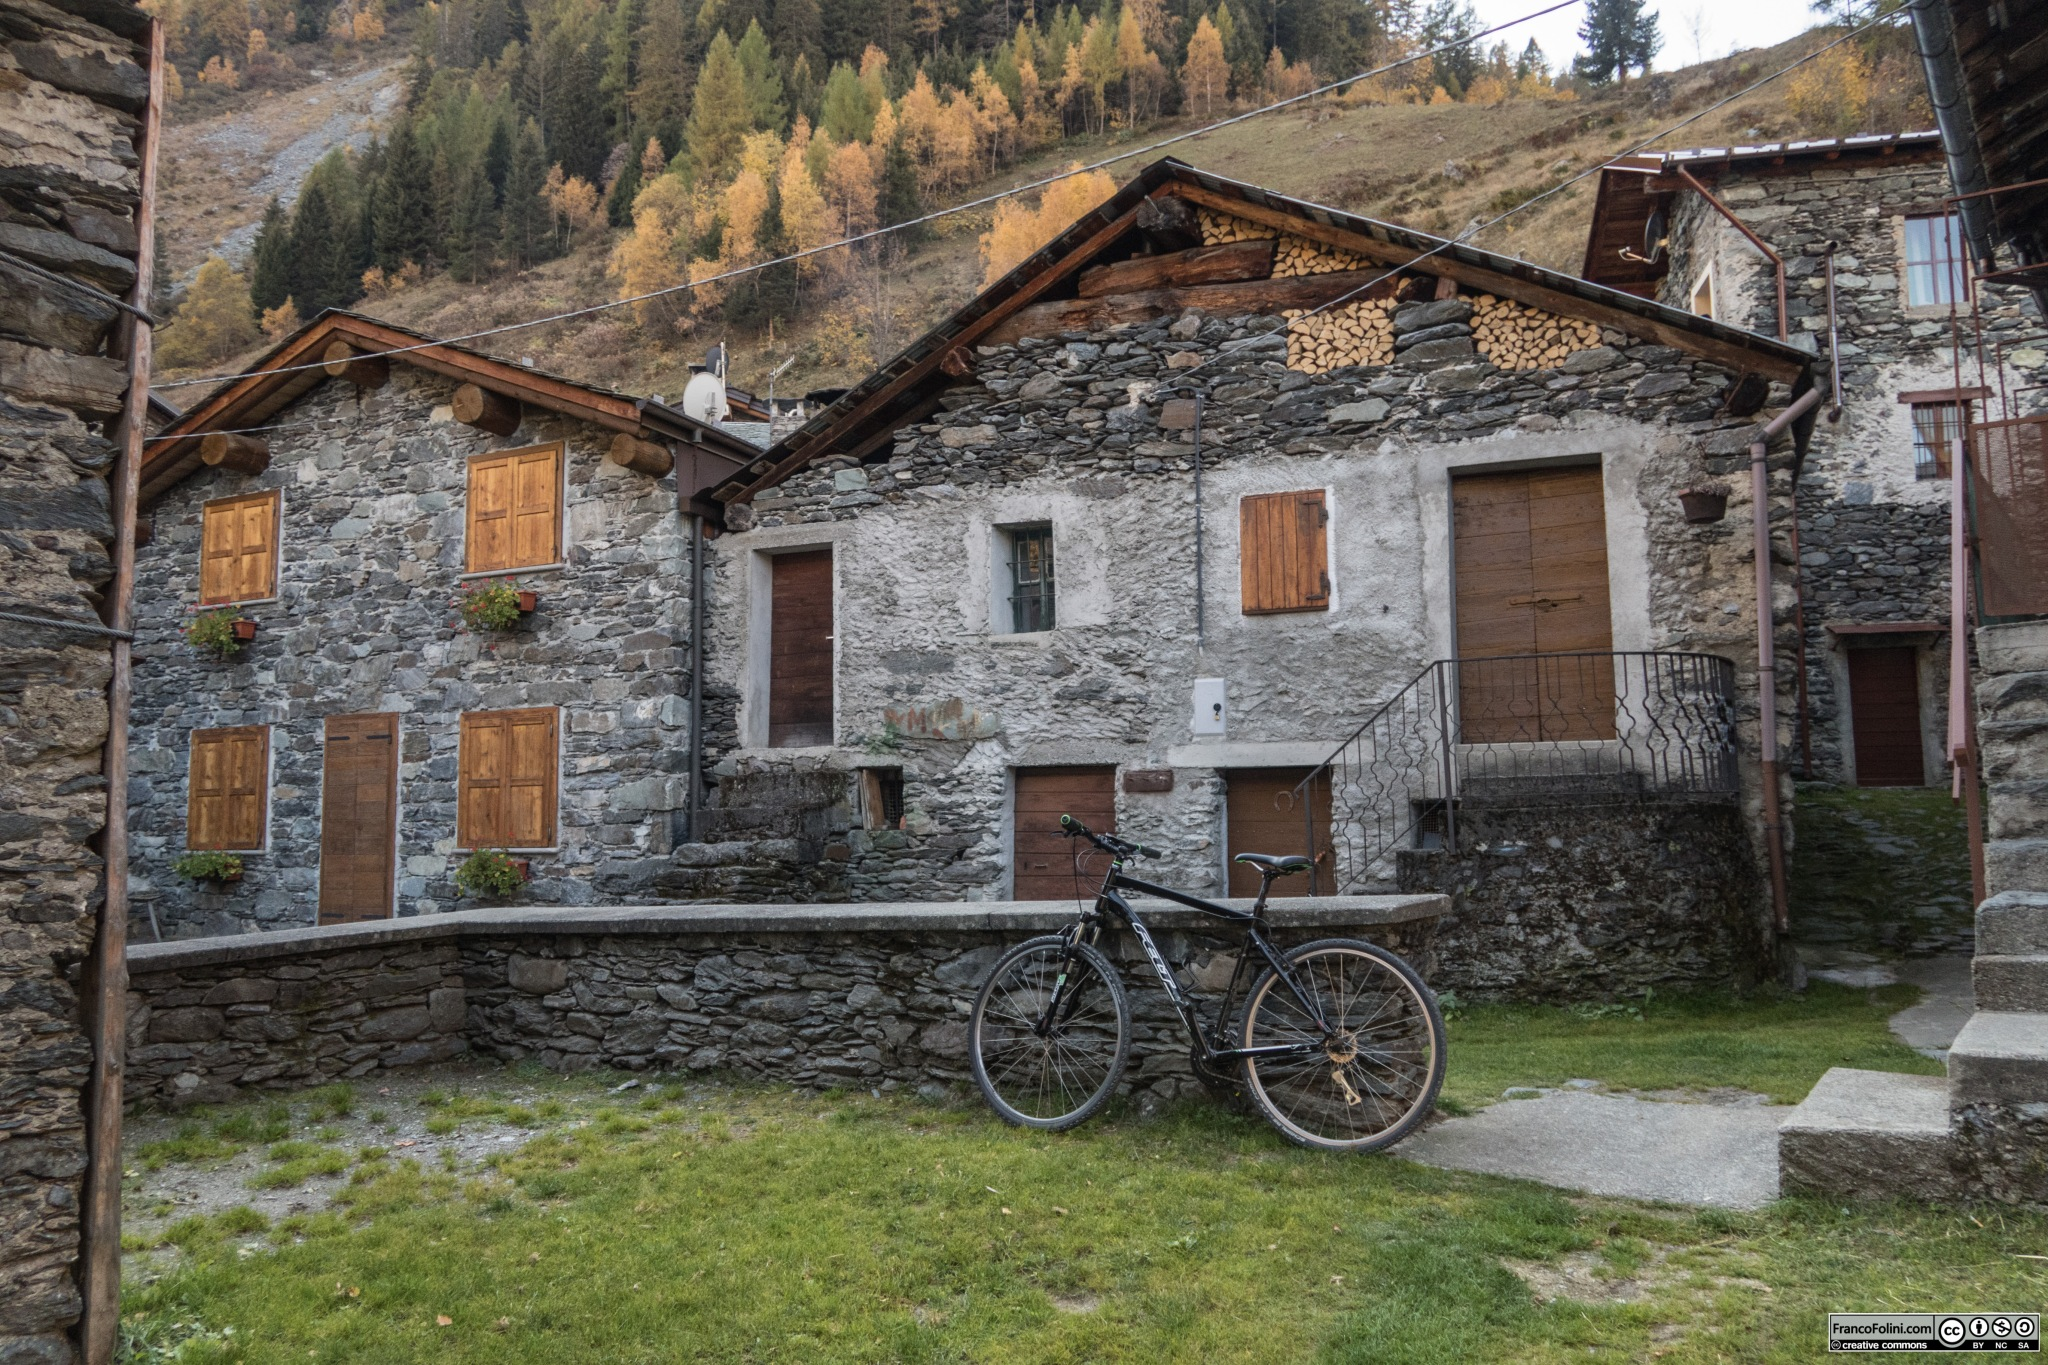 La stradina che rapidamente sale da Vedello verso l'abitato di Ambria in questo tratto passa sotto le condotte forzate che scendono dalla valle e lago di Zappello.